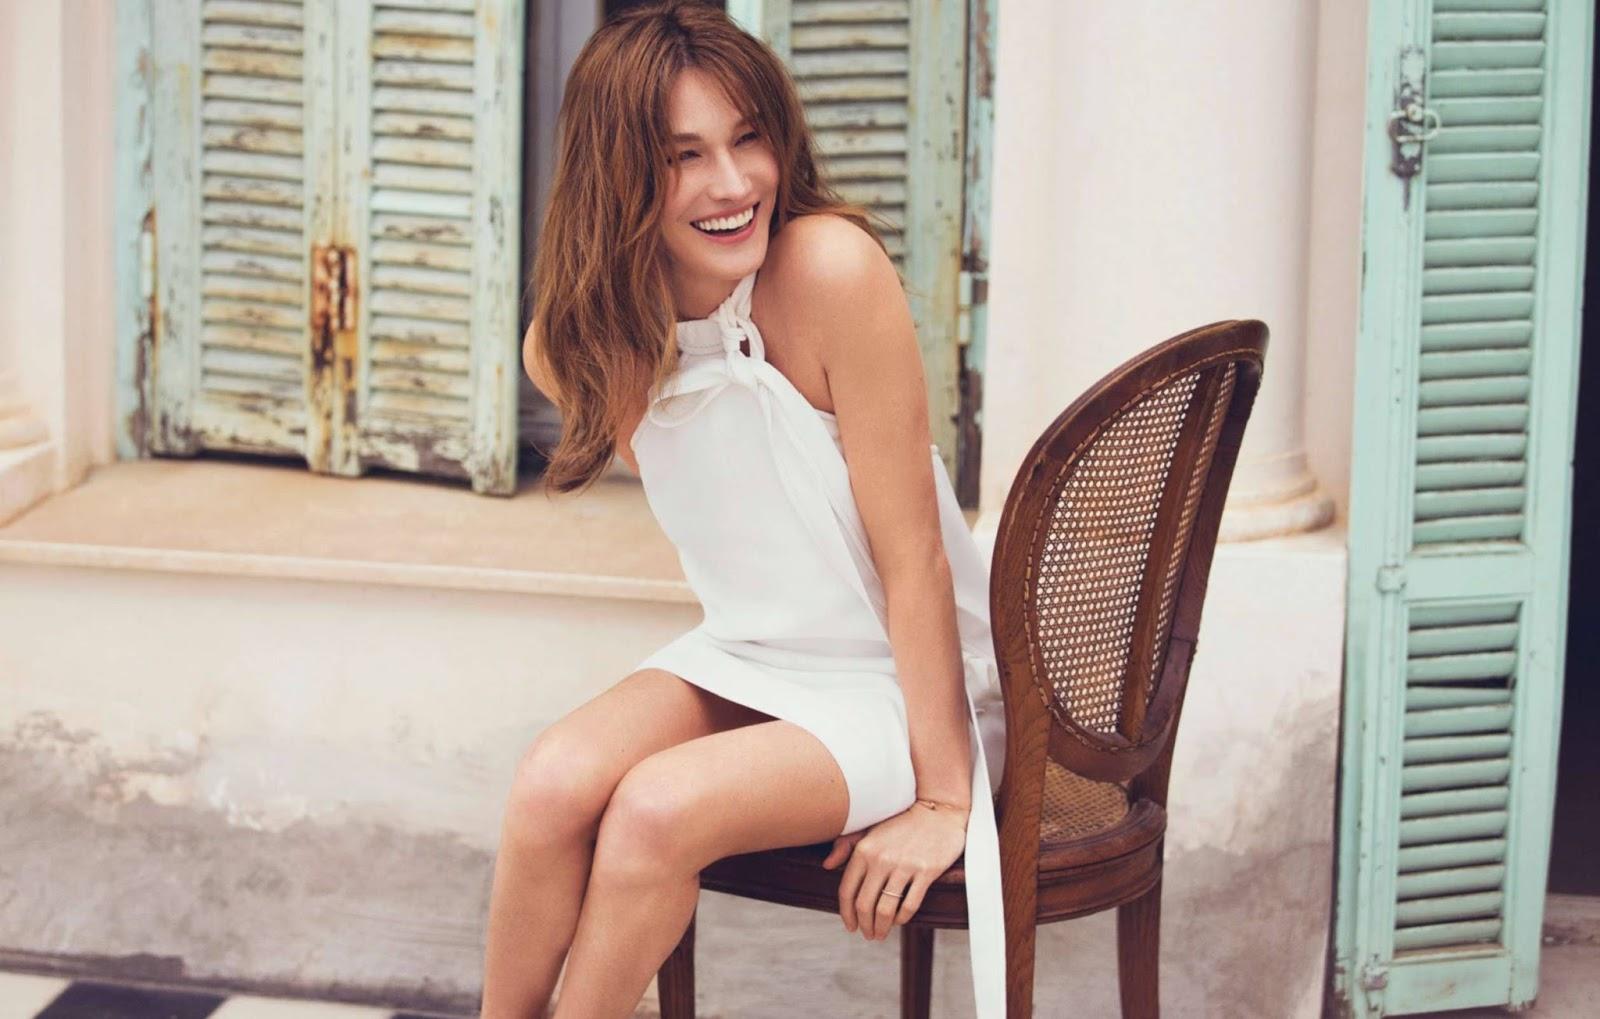 Les photos nues de Carla Bruni - Expresse - Excite France